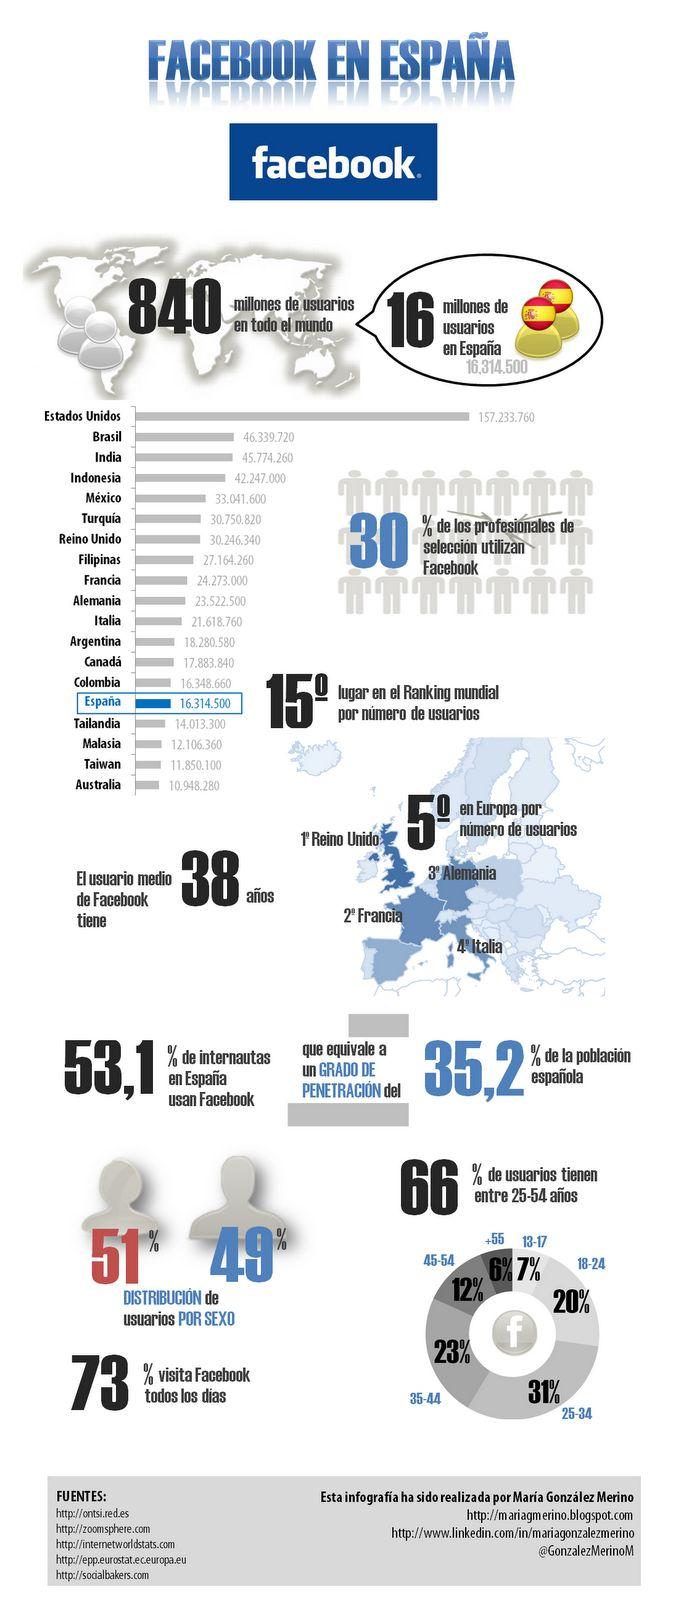 FaceBook en España #infografia #infographic #socialmedia (vía @Alfredo Malatesta Vela)